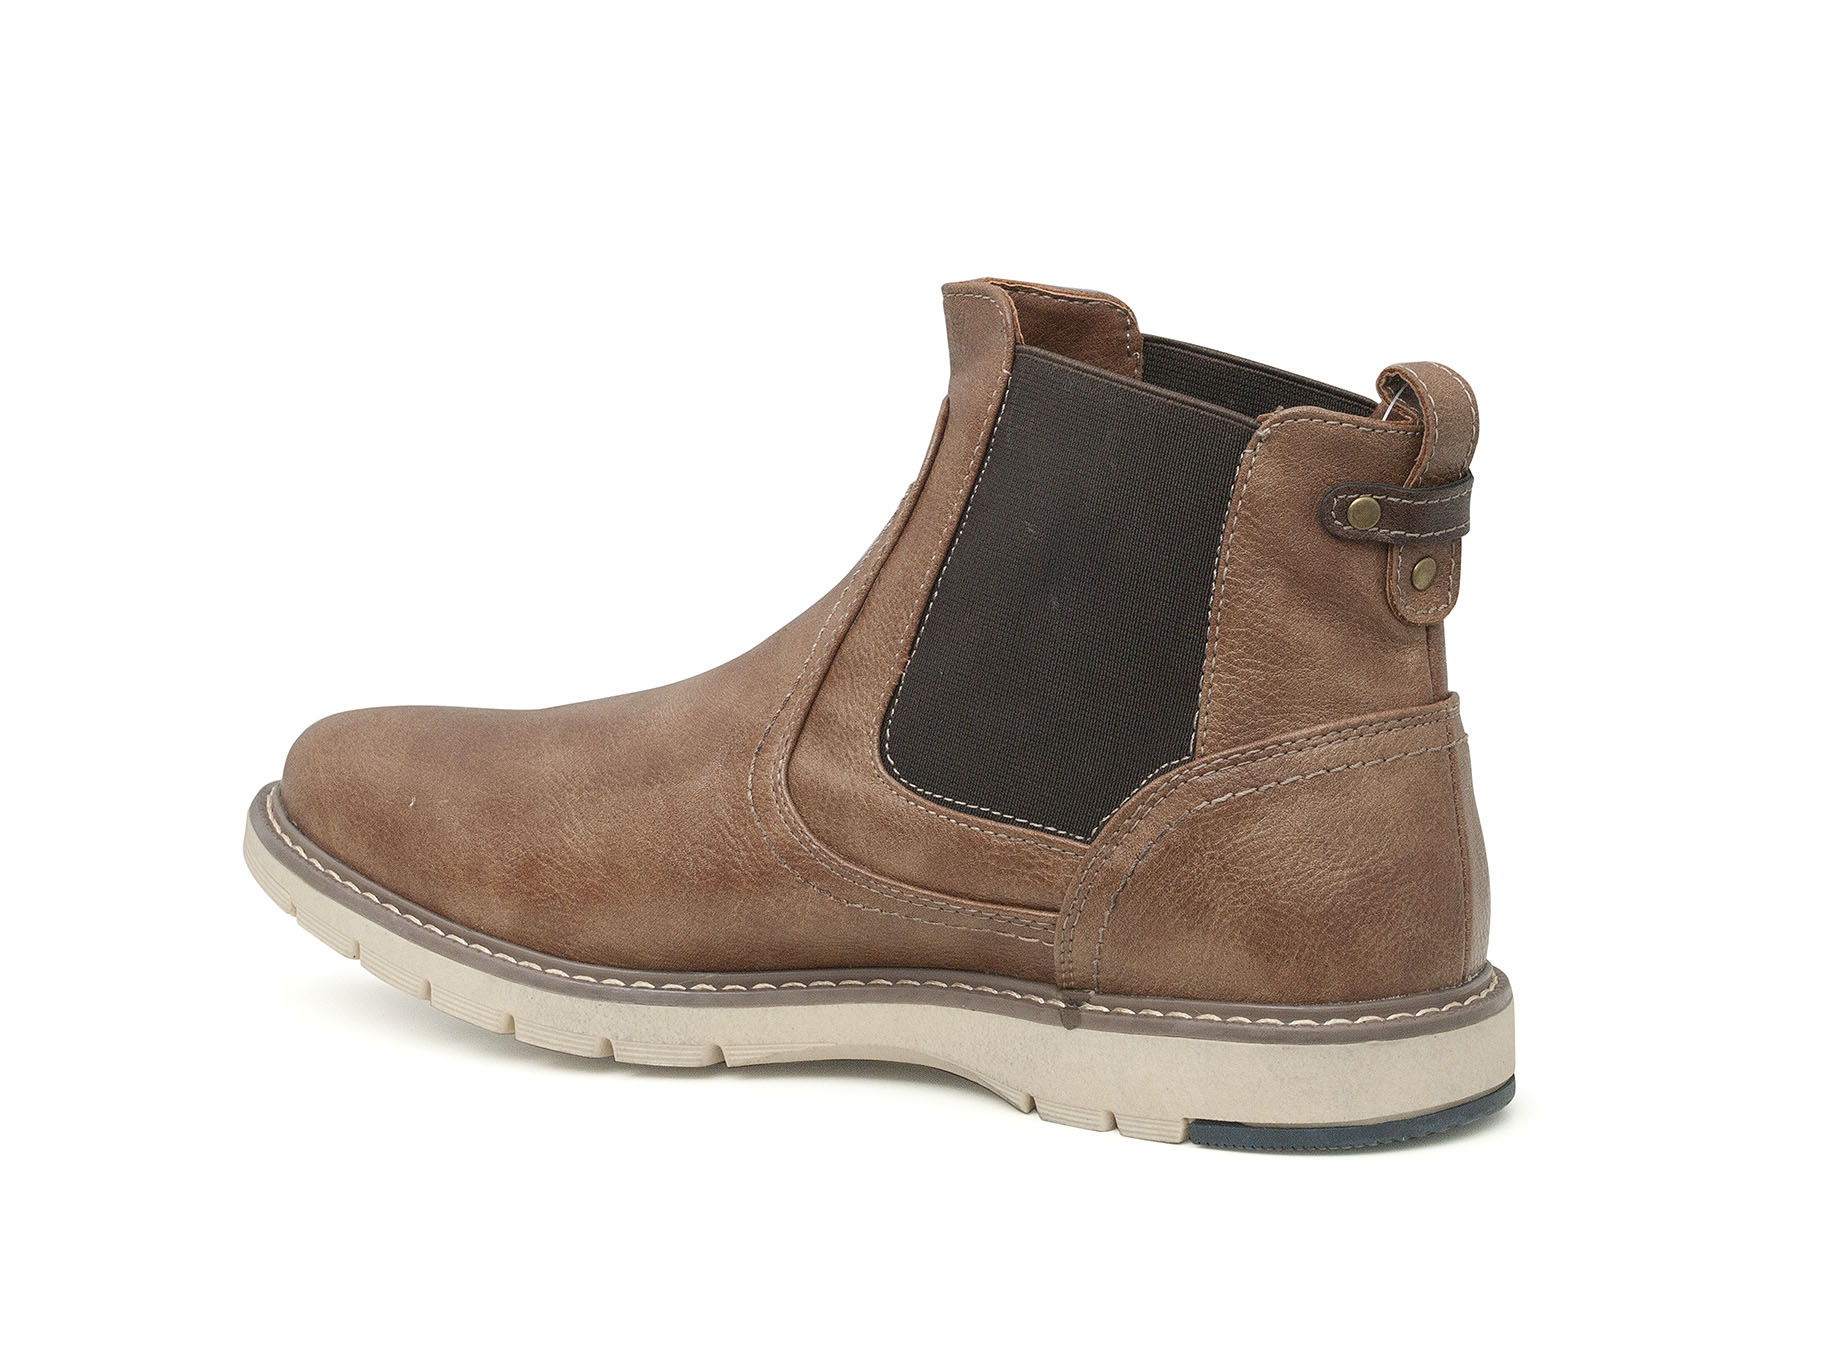 Boots Kinderschoenen.Batai Vyriski Mustang 41a 014 4105 501 301 Mustang Shoes